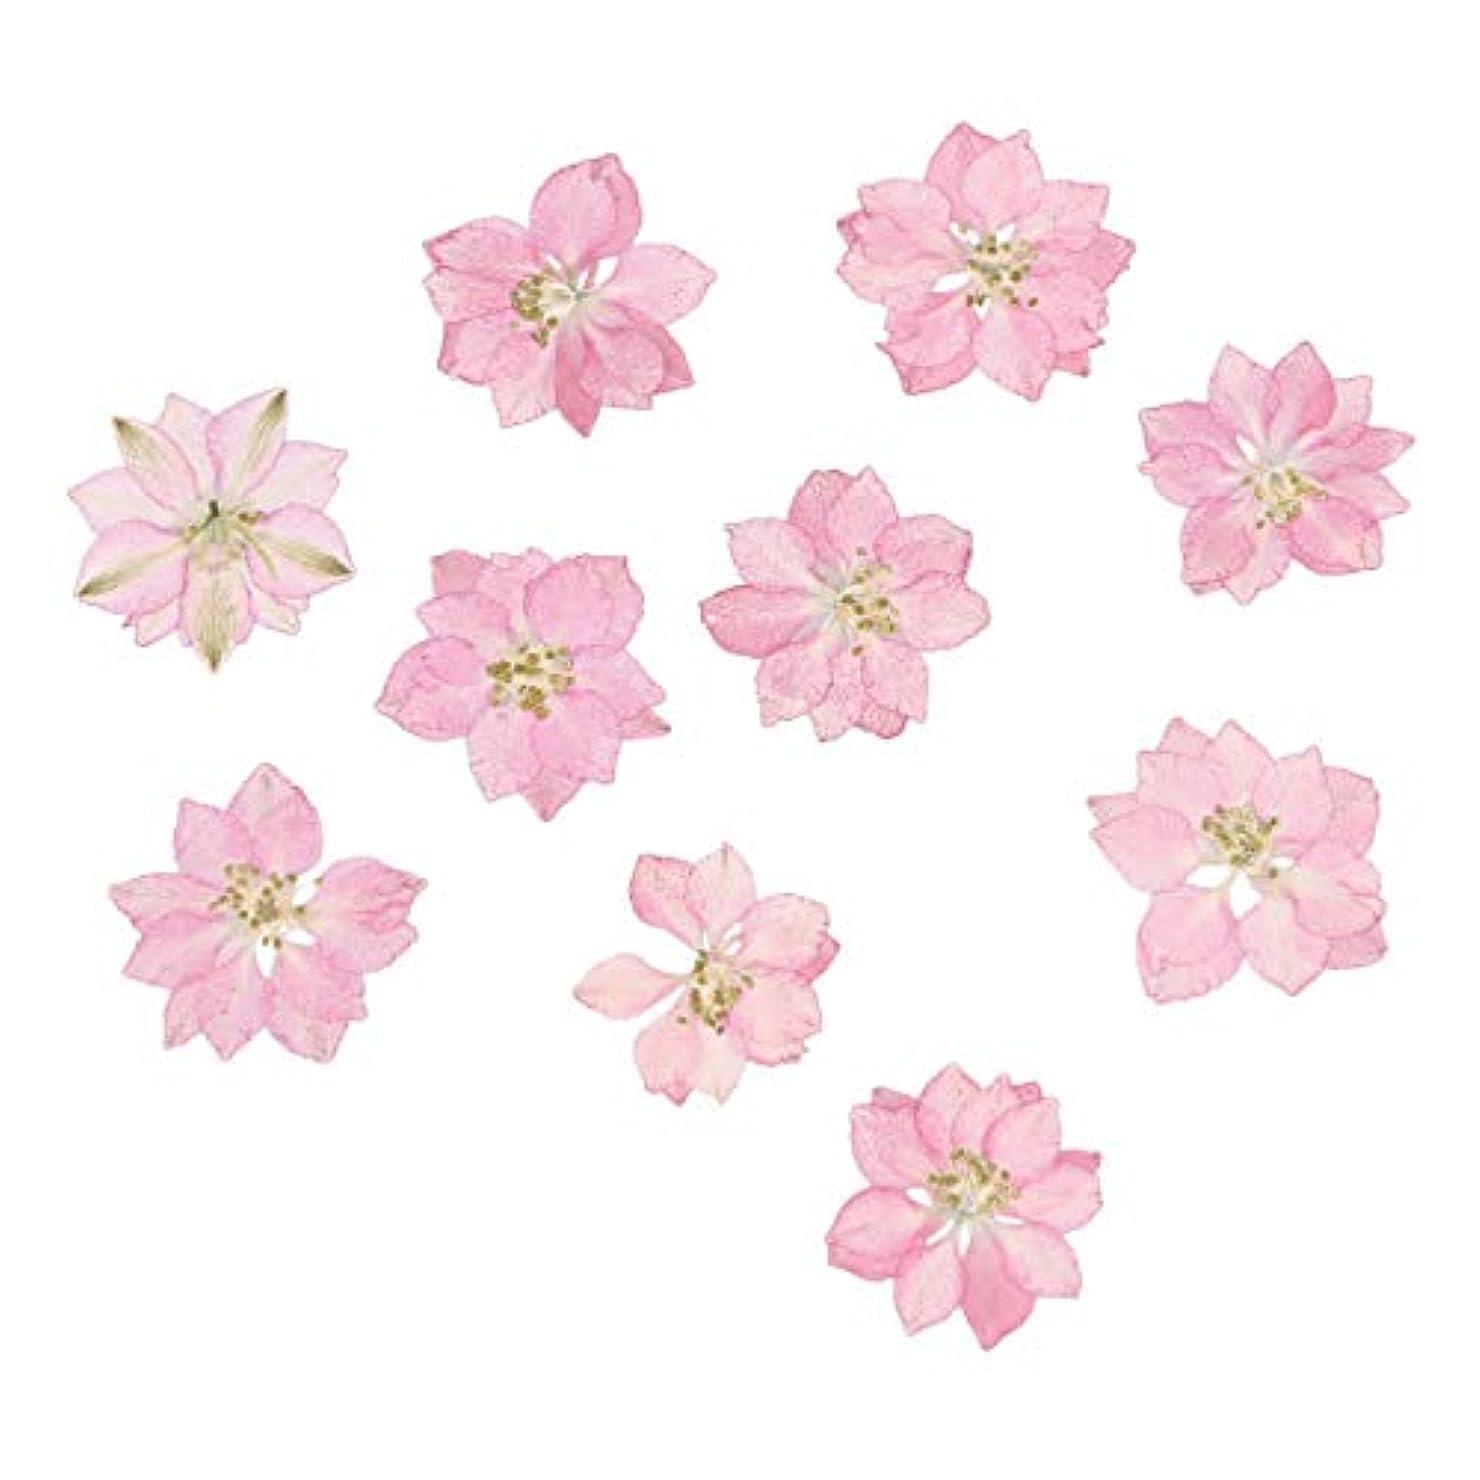 ハンディキャップ図シェアHEALLILY リアルドライ押花天然花飾り用diyジュエリーペンダント電話ケースカード20ピース